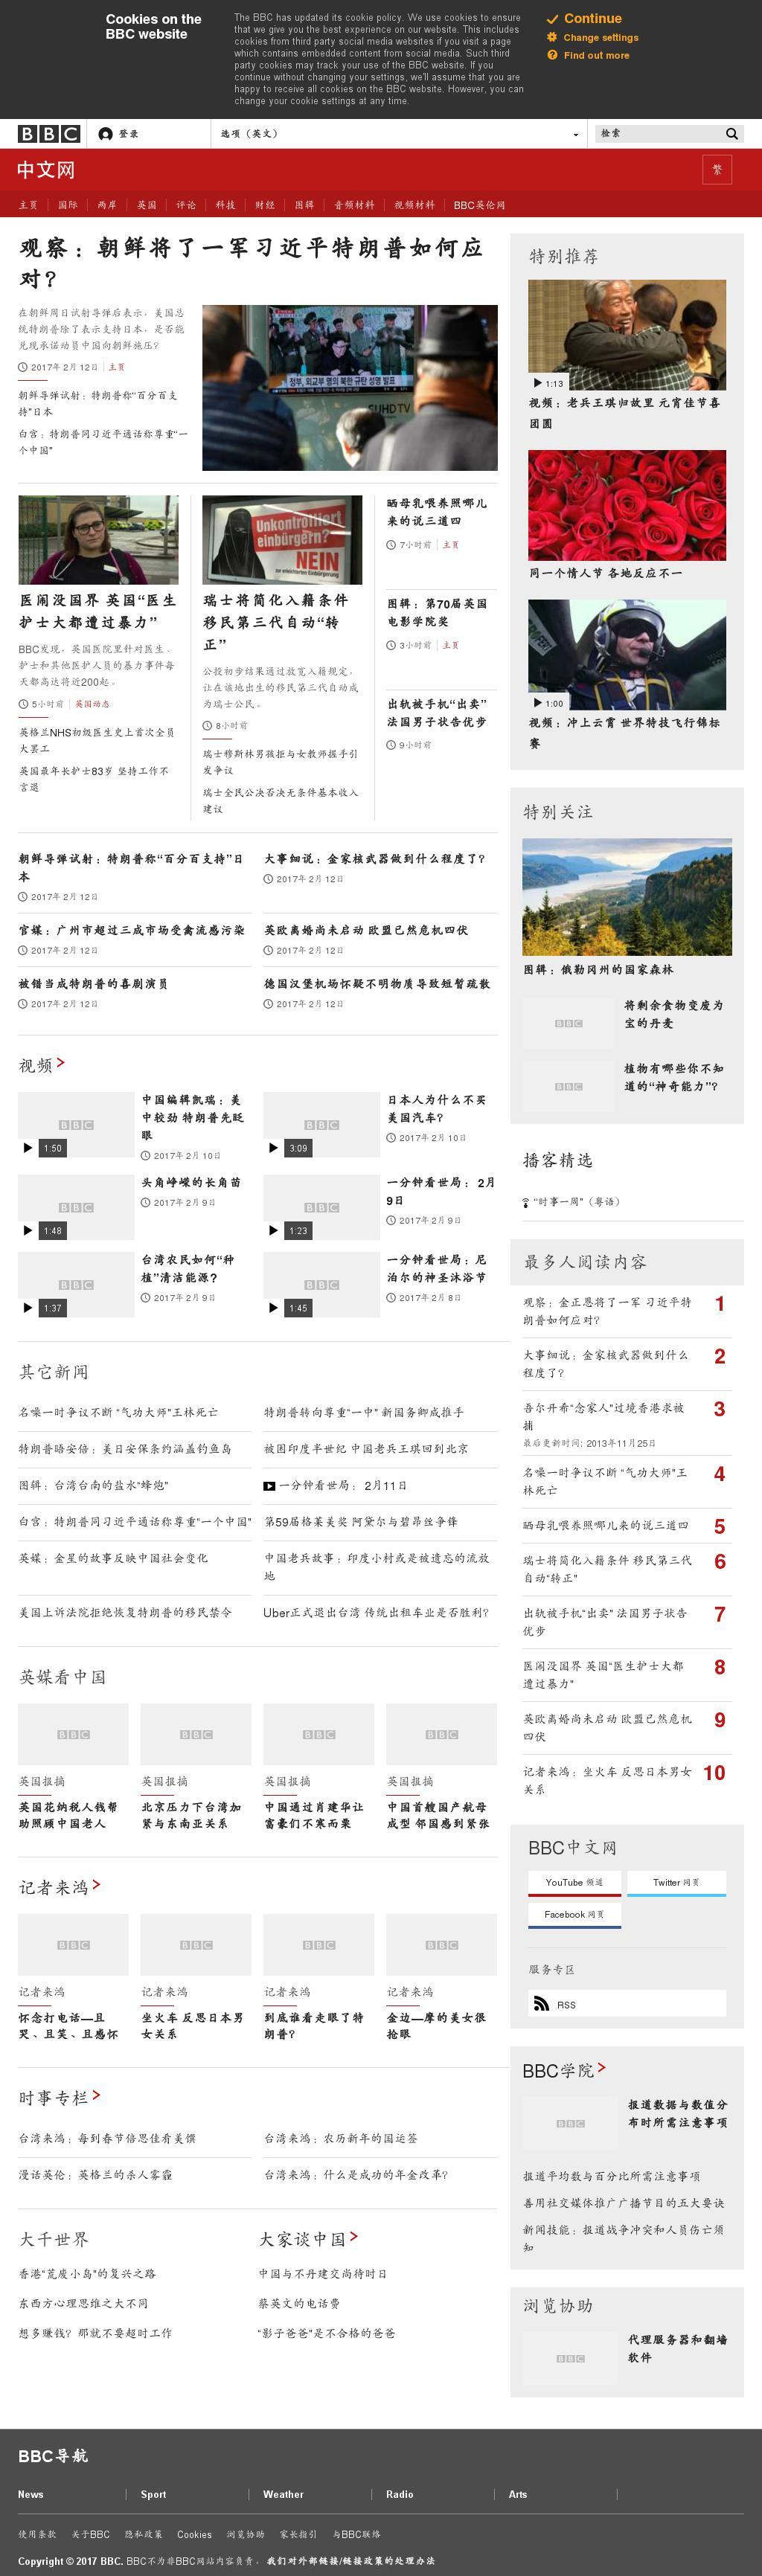 BBC (Chinese) at Monday Feb. 13, 2017, 2 a.m. UTC